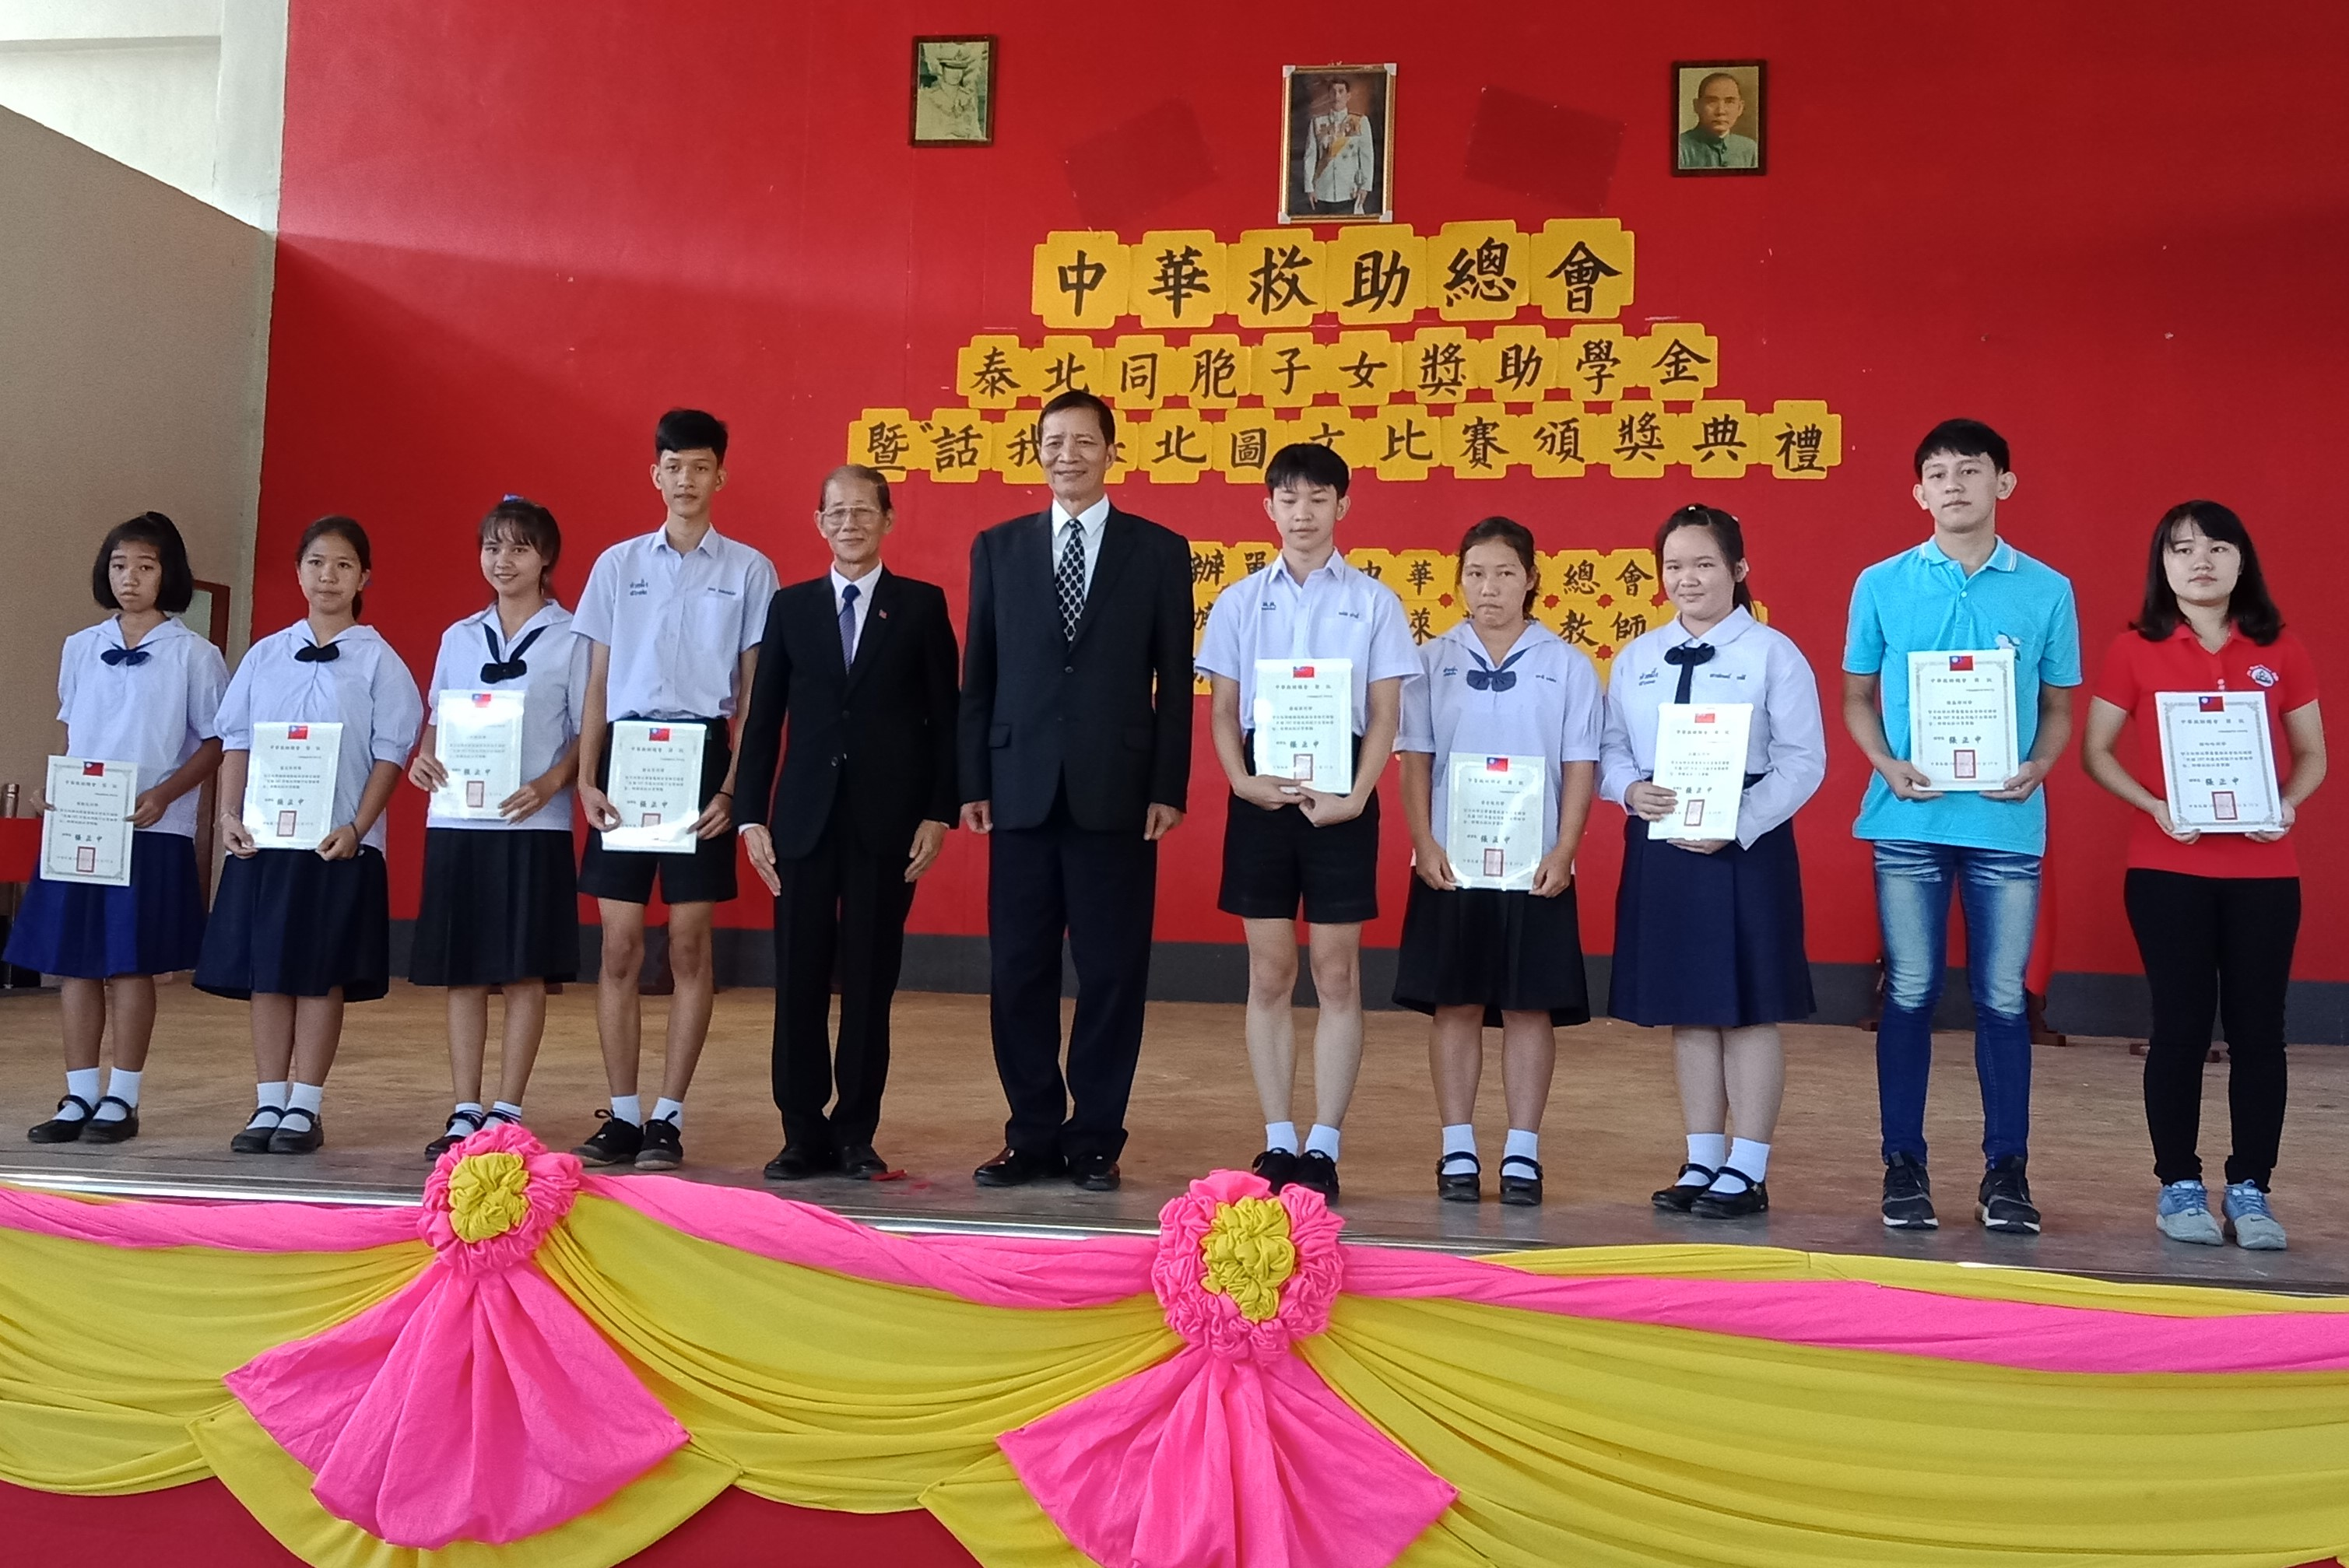 僑務委員會高建智副委員長出席並於輝鵬村中華中學頒發獎助學金